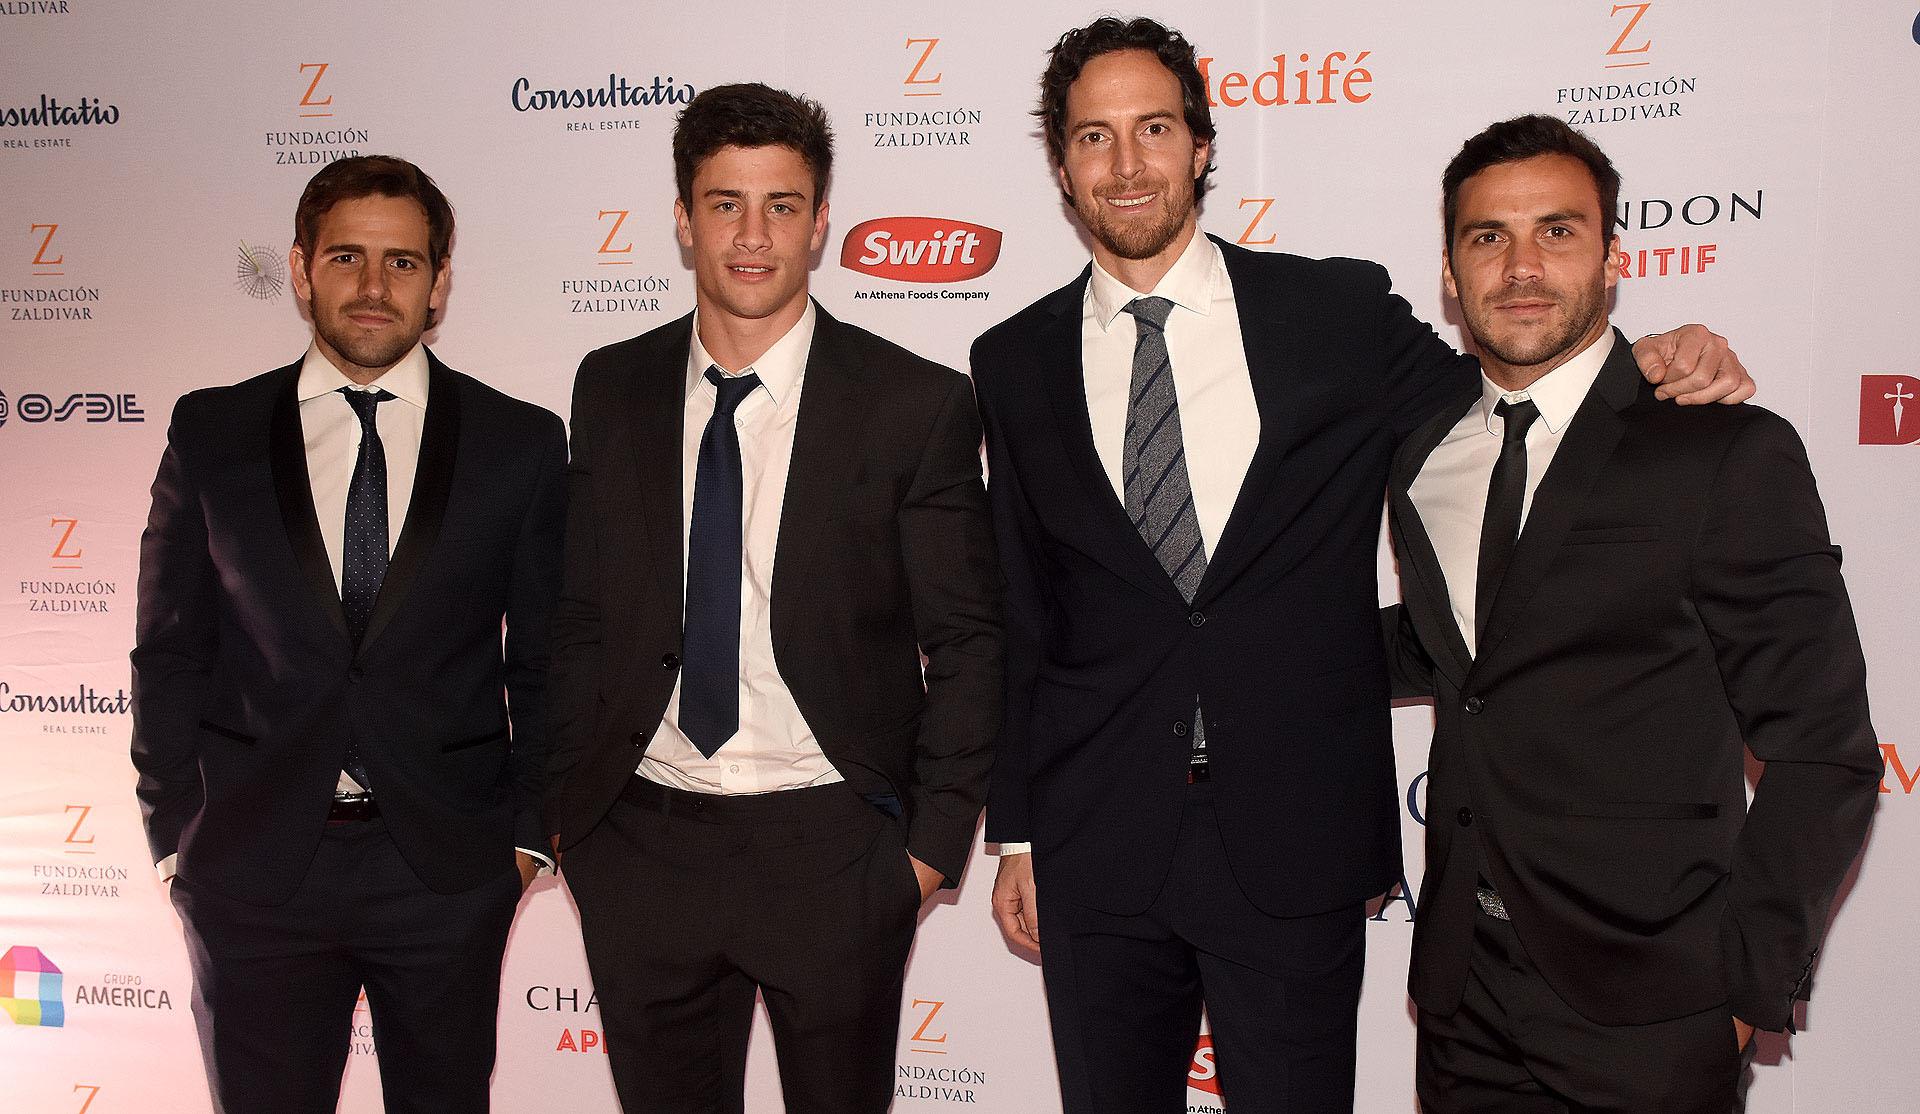 Nico Fernández, Bautista Delguy, Roger Zaldivar y Martin Landajo parte del equipo de Rugby de los Jaguares